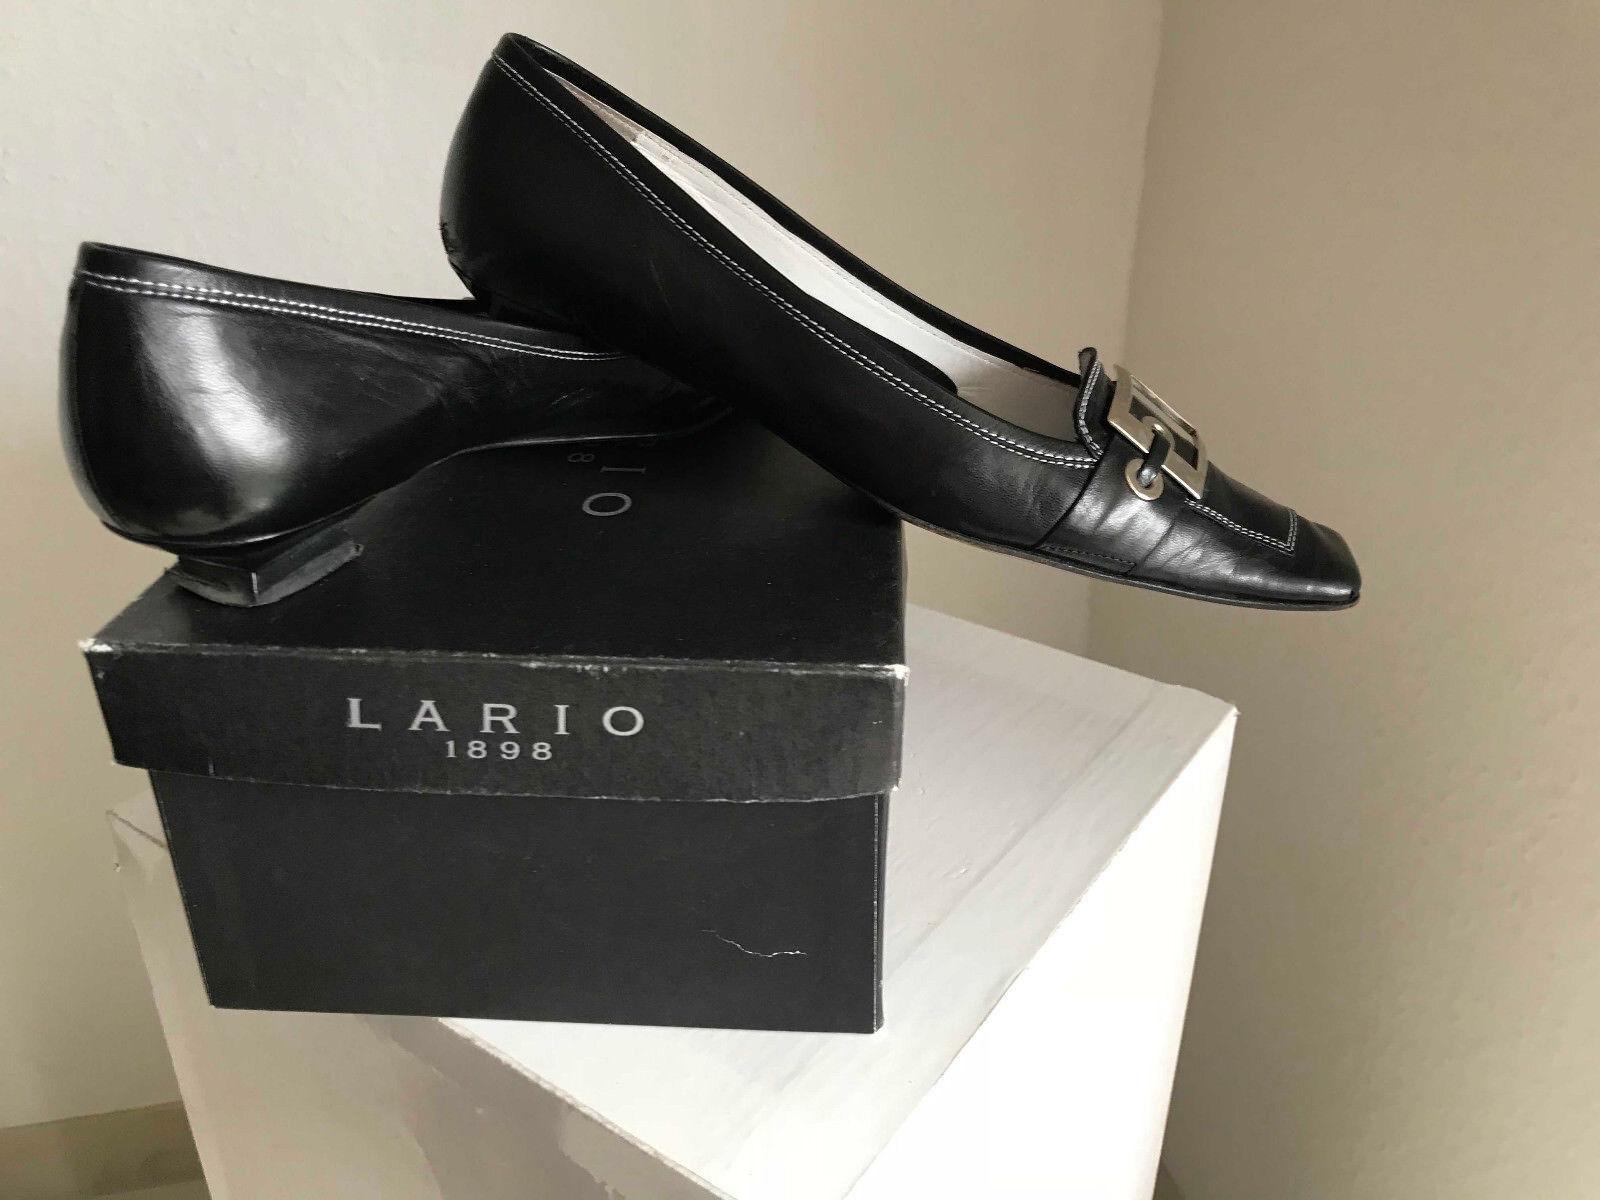 Lario 1898 Emporio DAMEN SCHUHE ballerina  schwarz 38,5 Größe